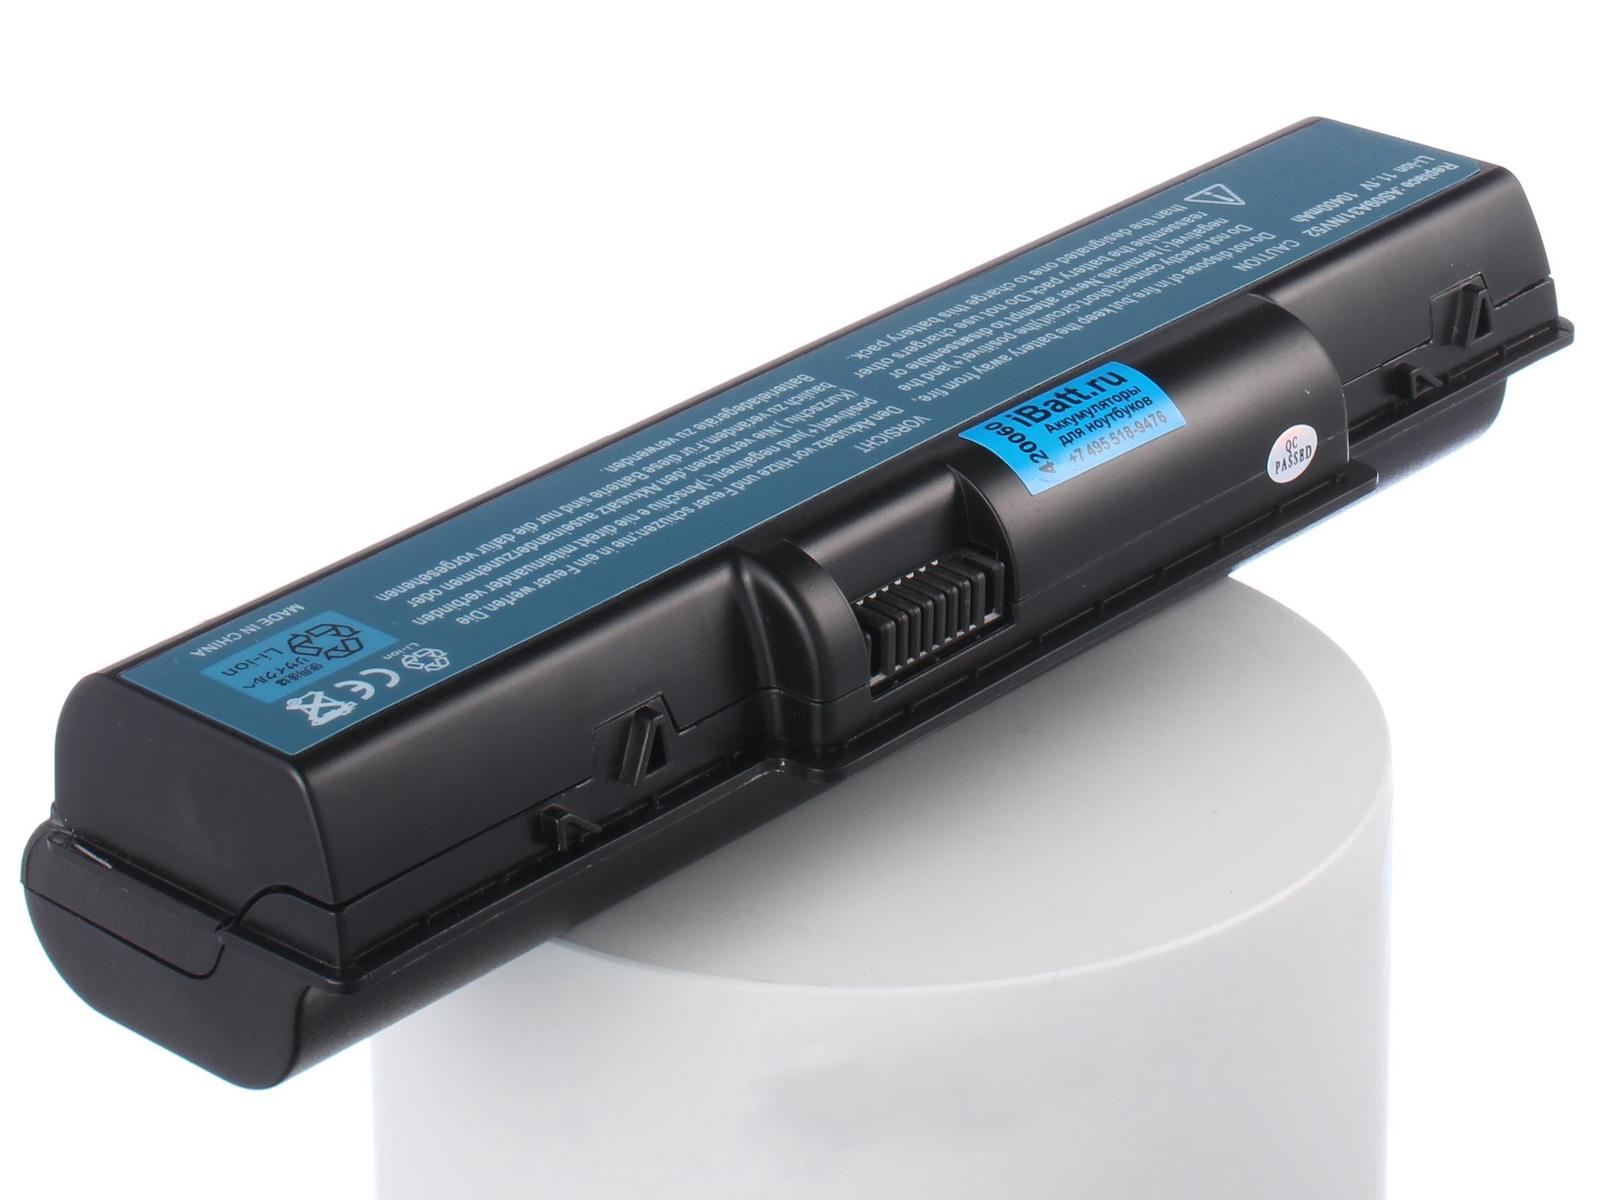 Аккумулятор для ноутбука iBatt eMachines E525-902G16Mi, E625-203G16Mi, E725-423G25Mi, E725-433G25Mi, E525-902G25Mi, E627-203G25Mi, E725-442G25Mi, D520-571G12Mi, E525-312G25Mi, E727-452G25Mi, E525-302G16Mi, E725-432G25Mi